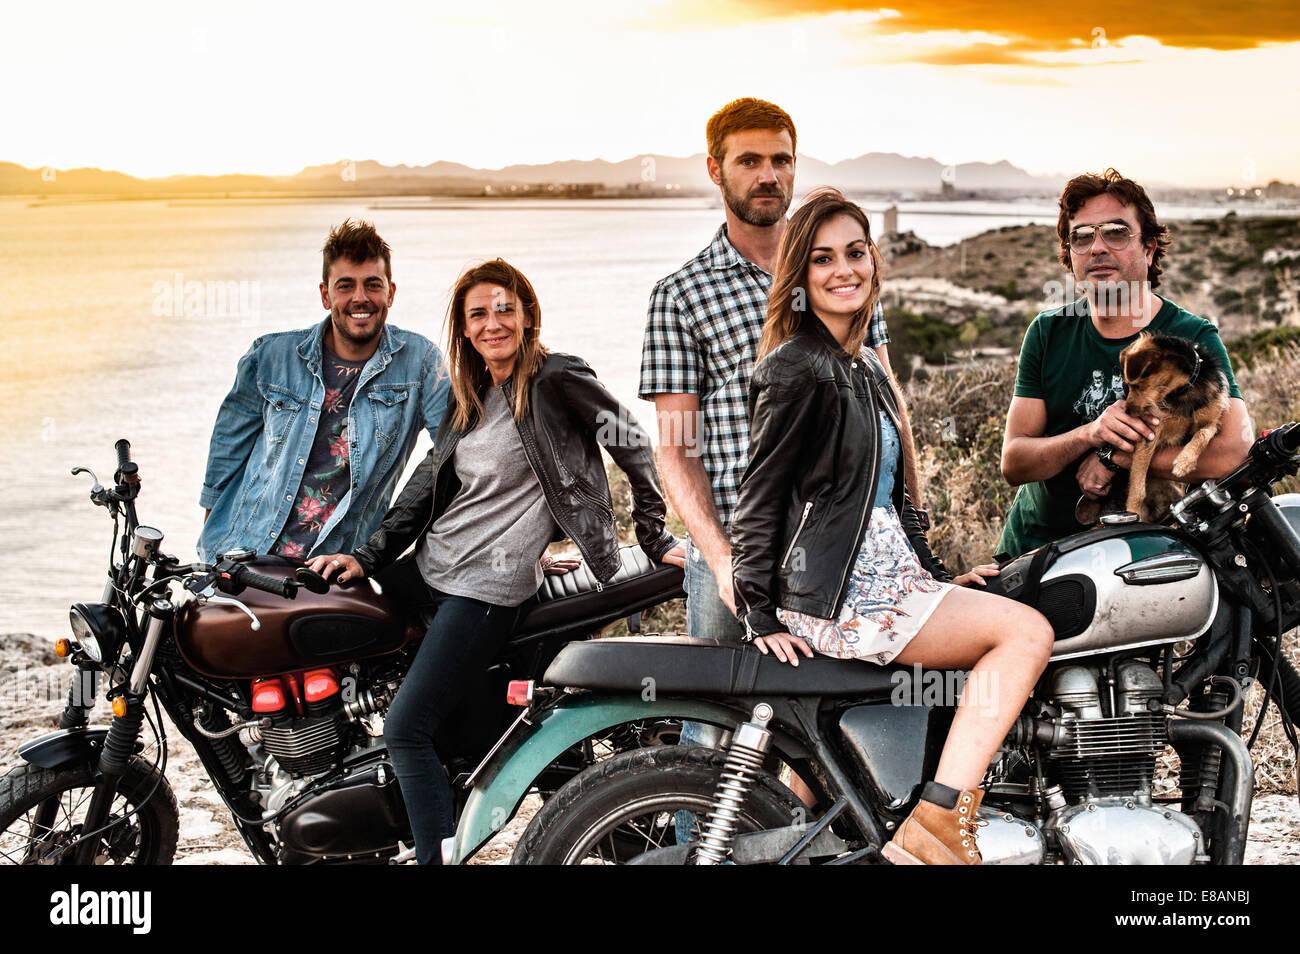 Retrato de cinco amigos de motociclismo en la costa al atardecer, Cagliari, Cerdeña, Italia Imagen De Stock